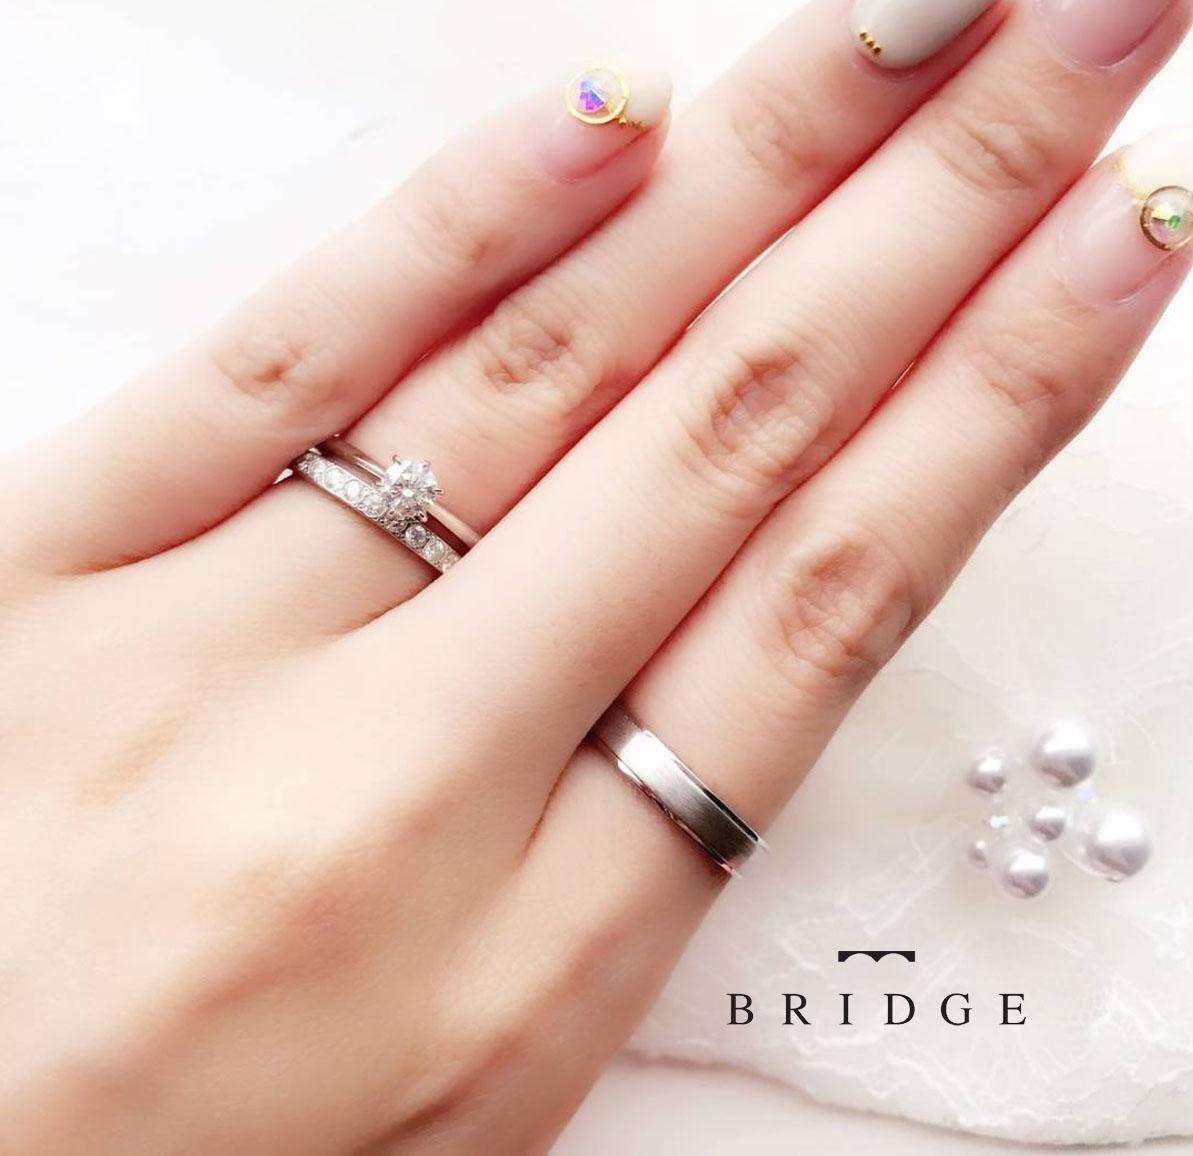 東京 銀座 サプライズ プロポーズ シンプル 彼女 好み 指輪 重ね付け